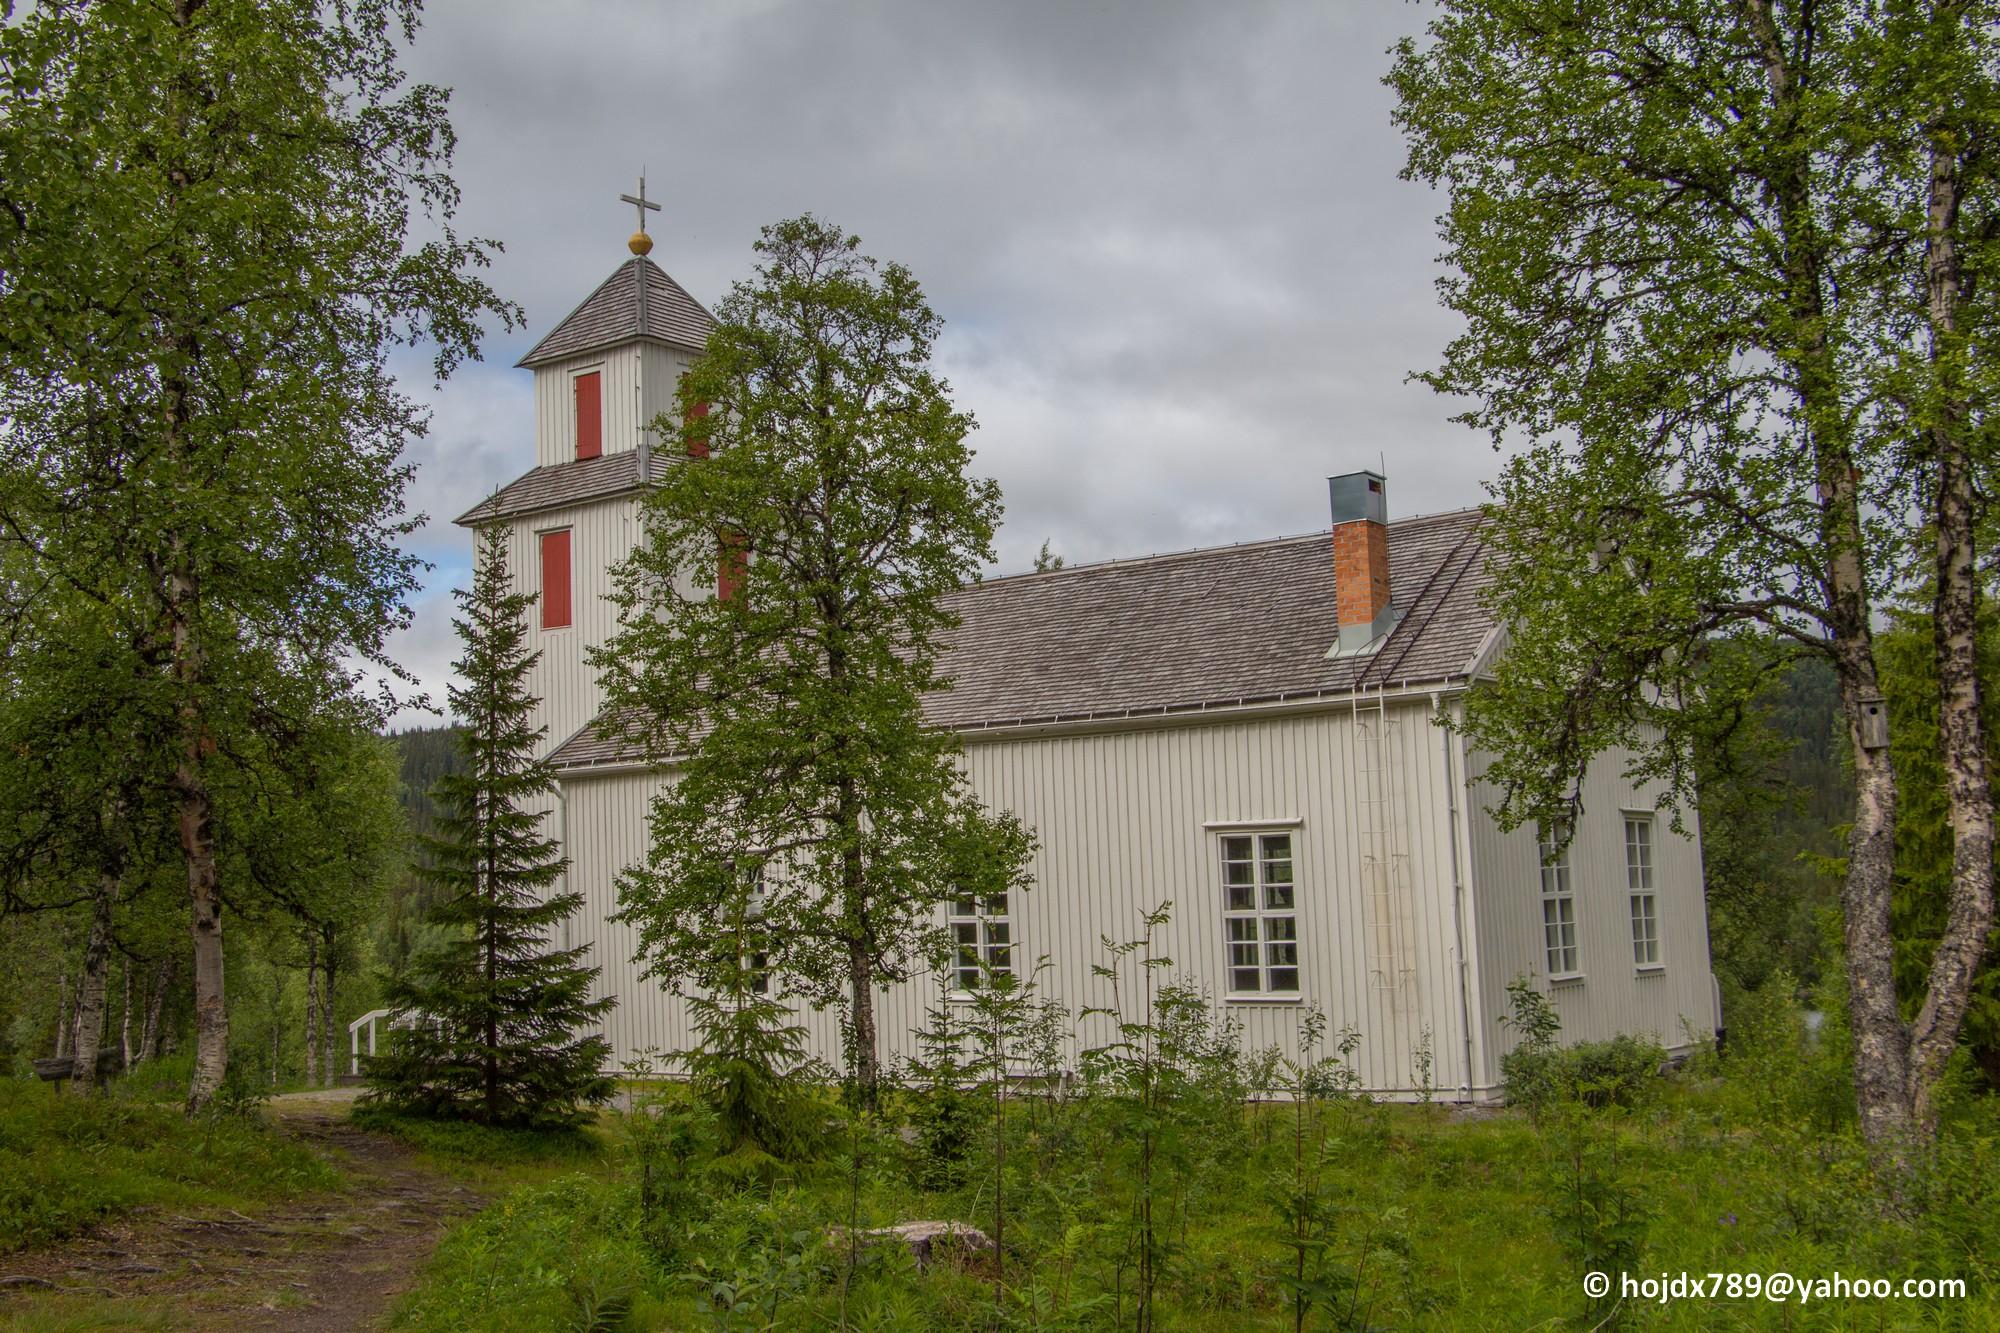 Fatmomakke kyrka